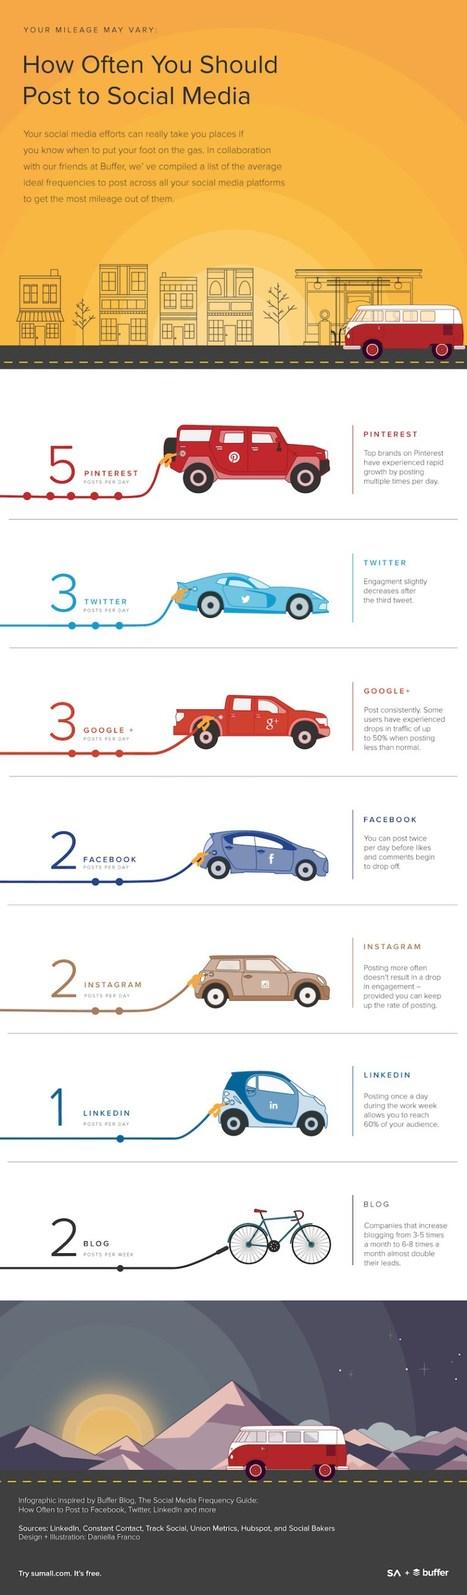 [infographie] Combien de publications par réseaux sociaux ? | Web information Specialist | Scoop.it